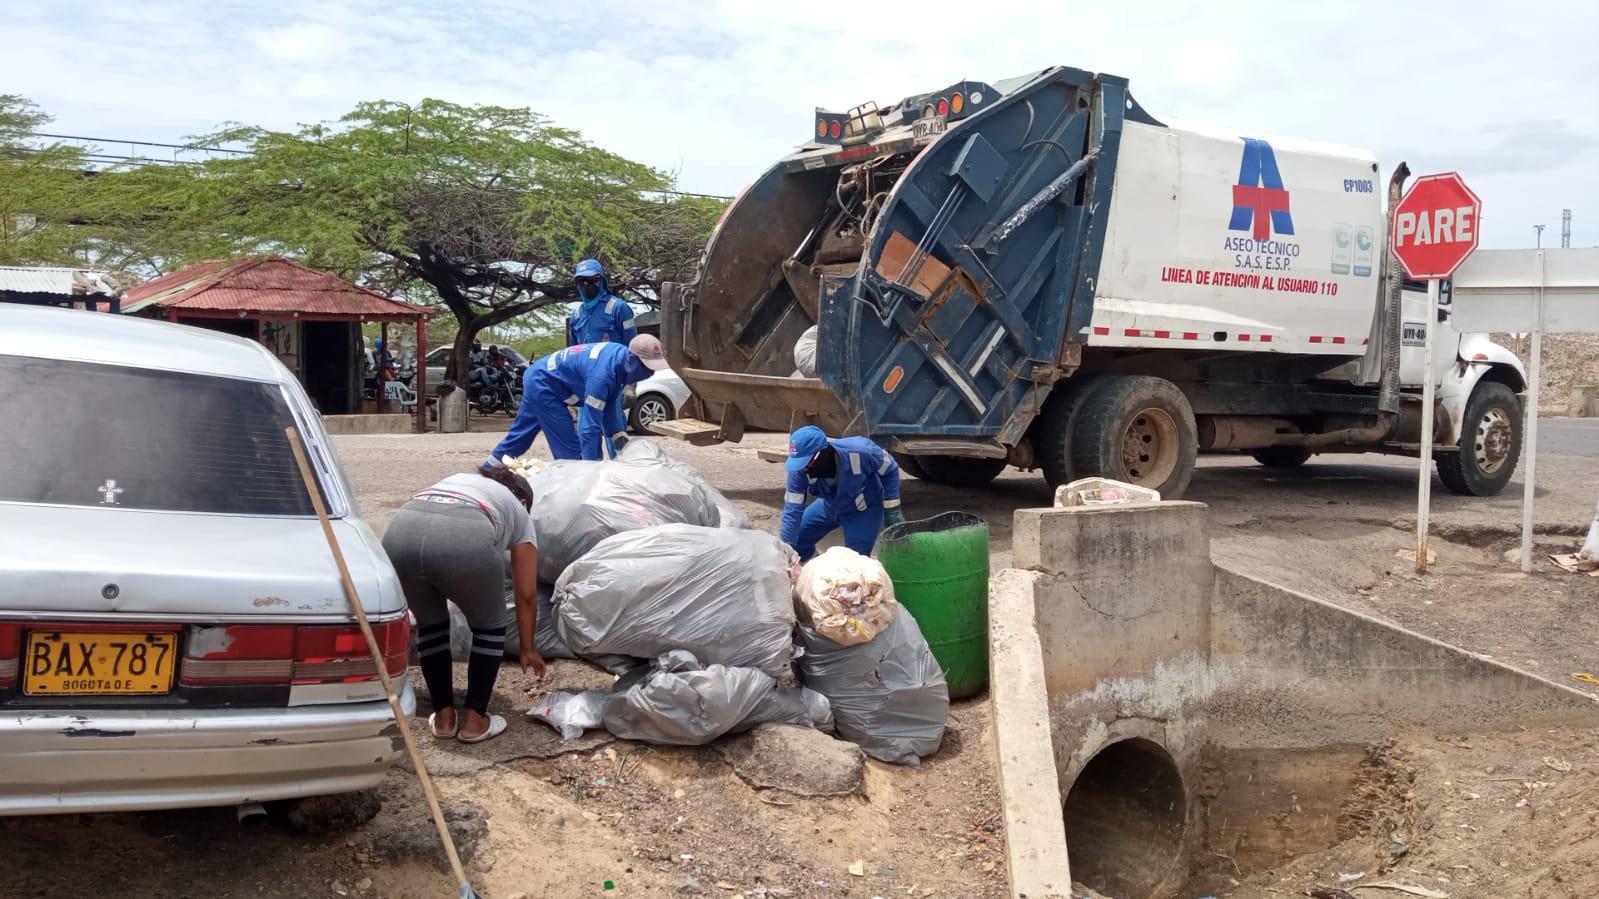 hoyennoticia.com, Policía en Maicao adelantó jornada de limpieza y ornato en Cuatro Vías